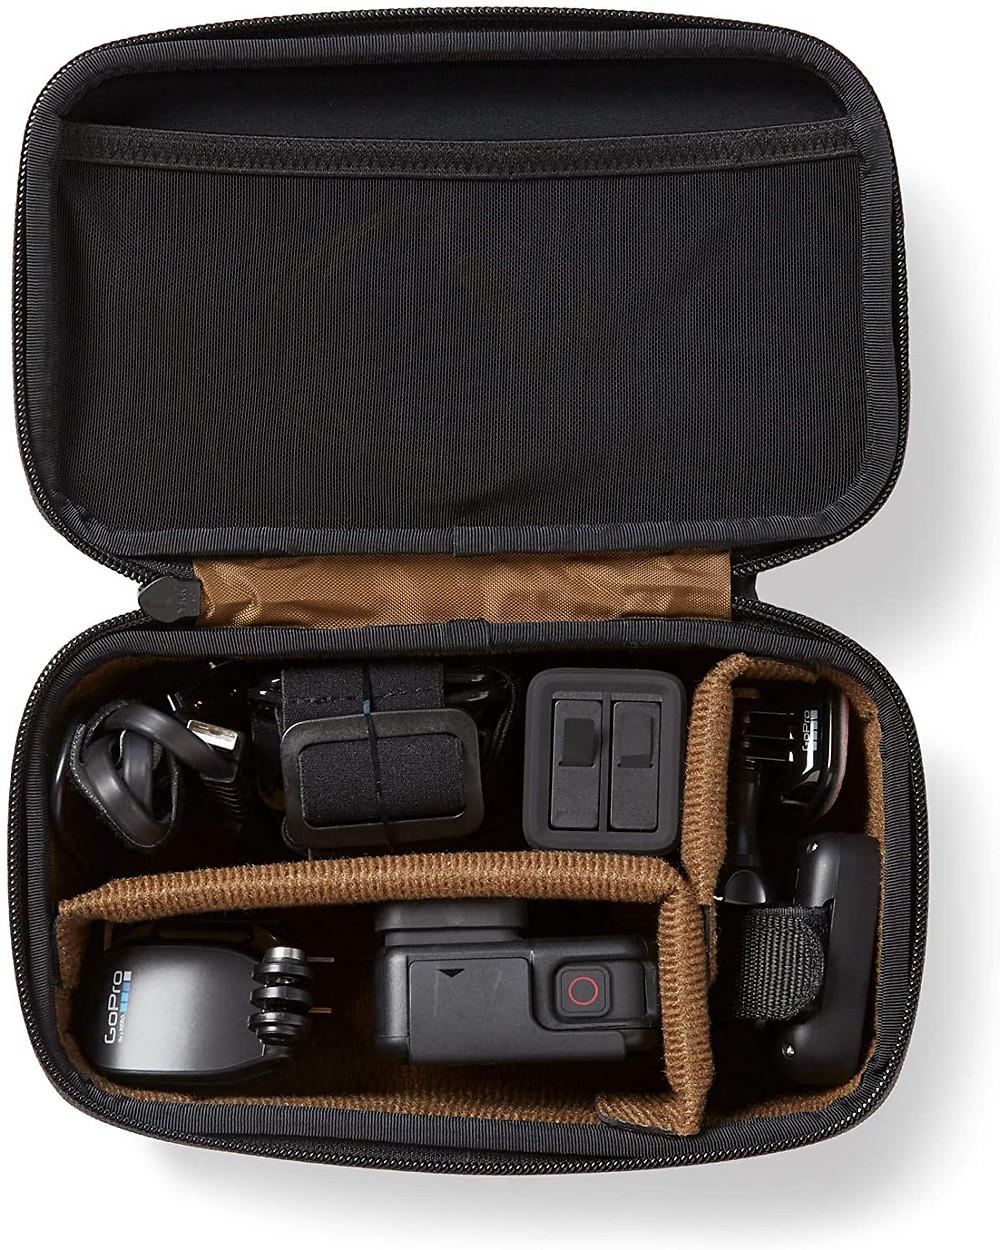 EVA Nomatic Peter McKinnon camera bag